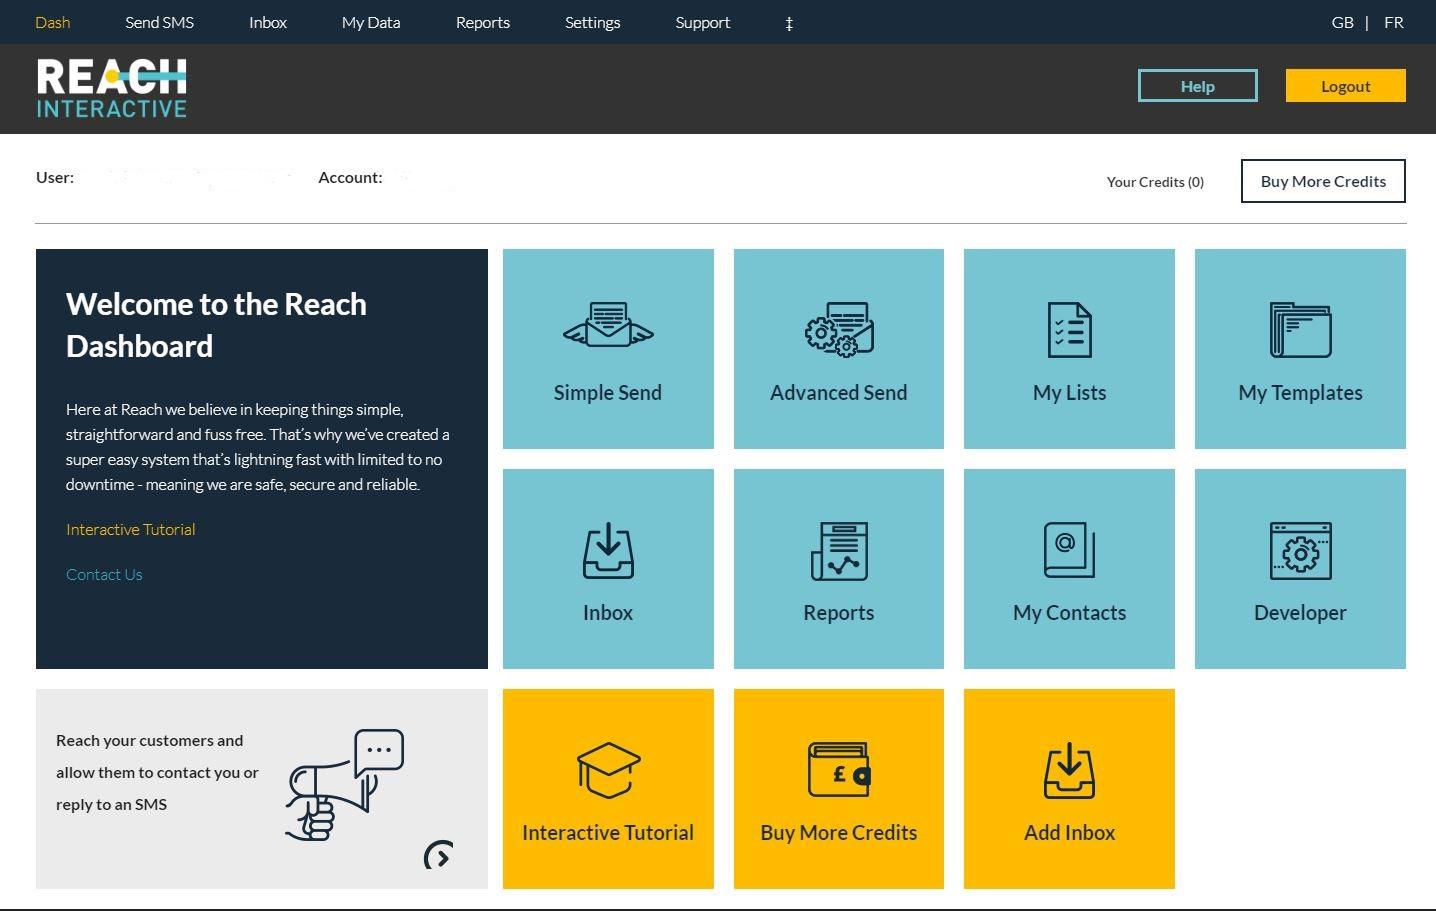 Reach Interactive dashboard screenshot